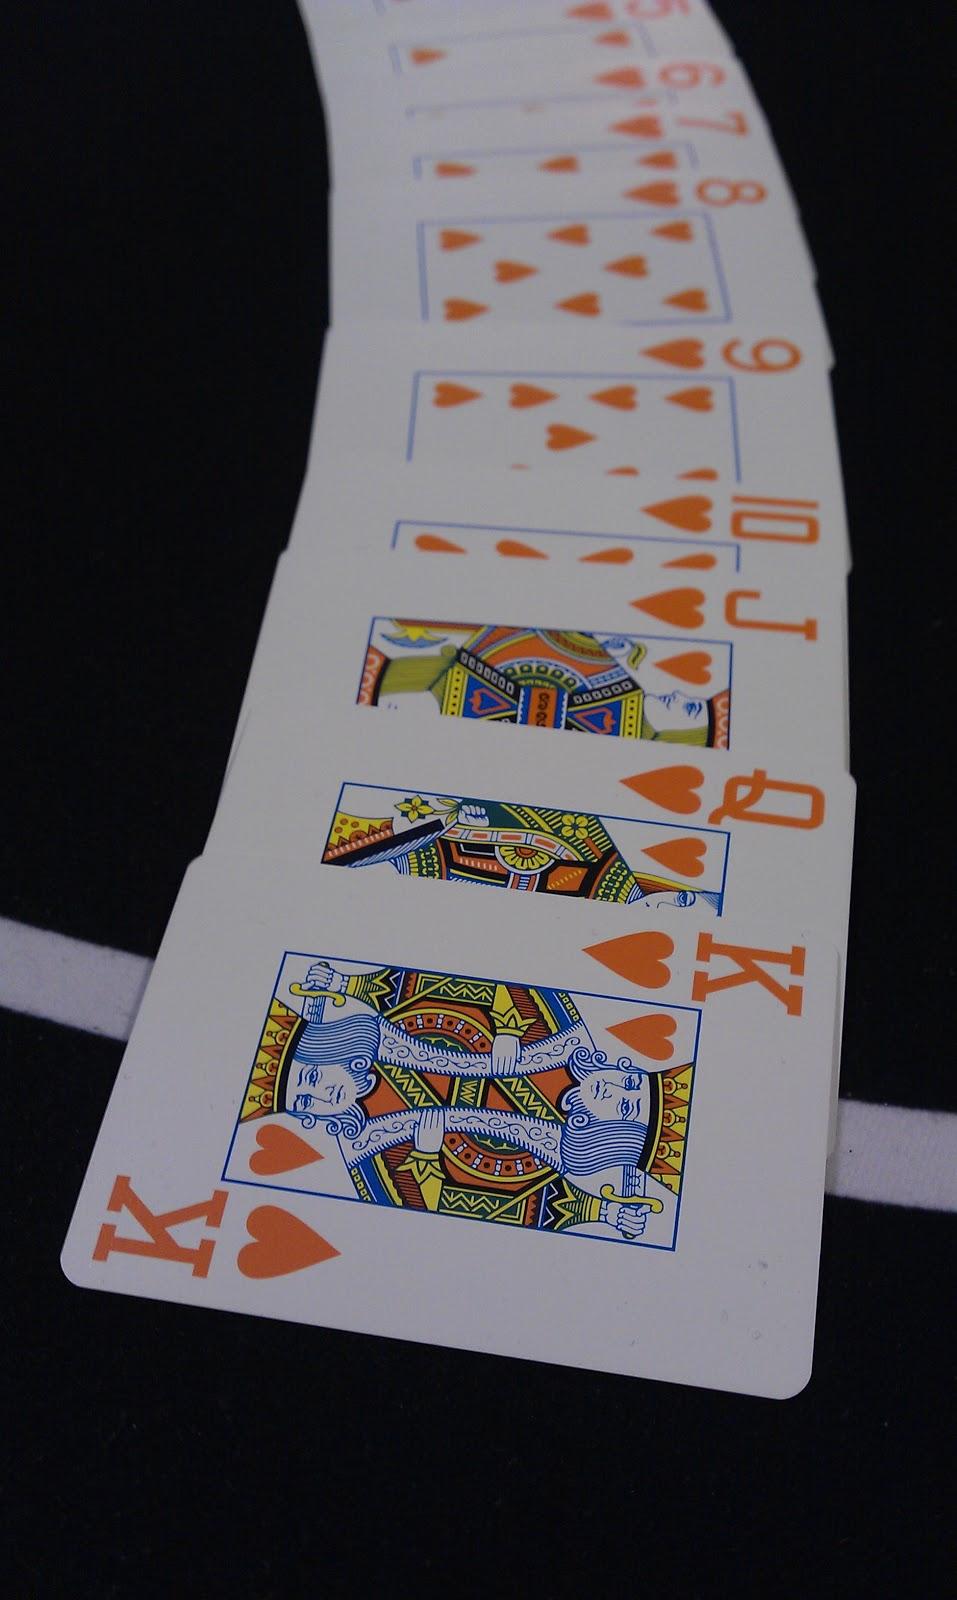 Eines von zahlreichen Poker-Kartendecks, die beim GPD Charity Event zum EInsatz kamen. Foto: Nico Lindner